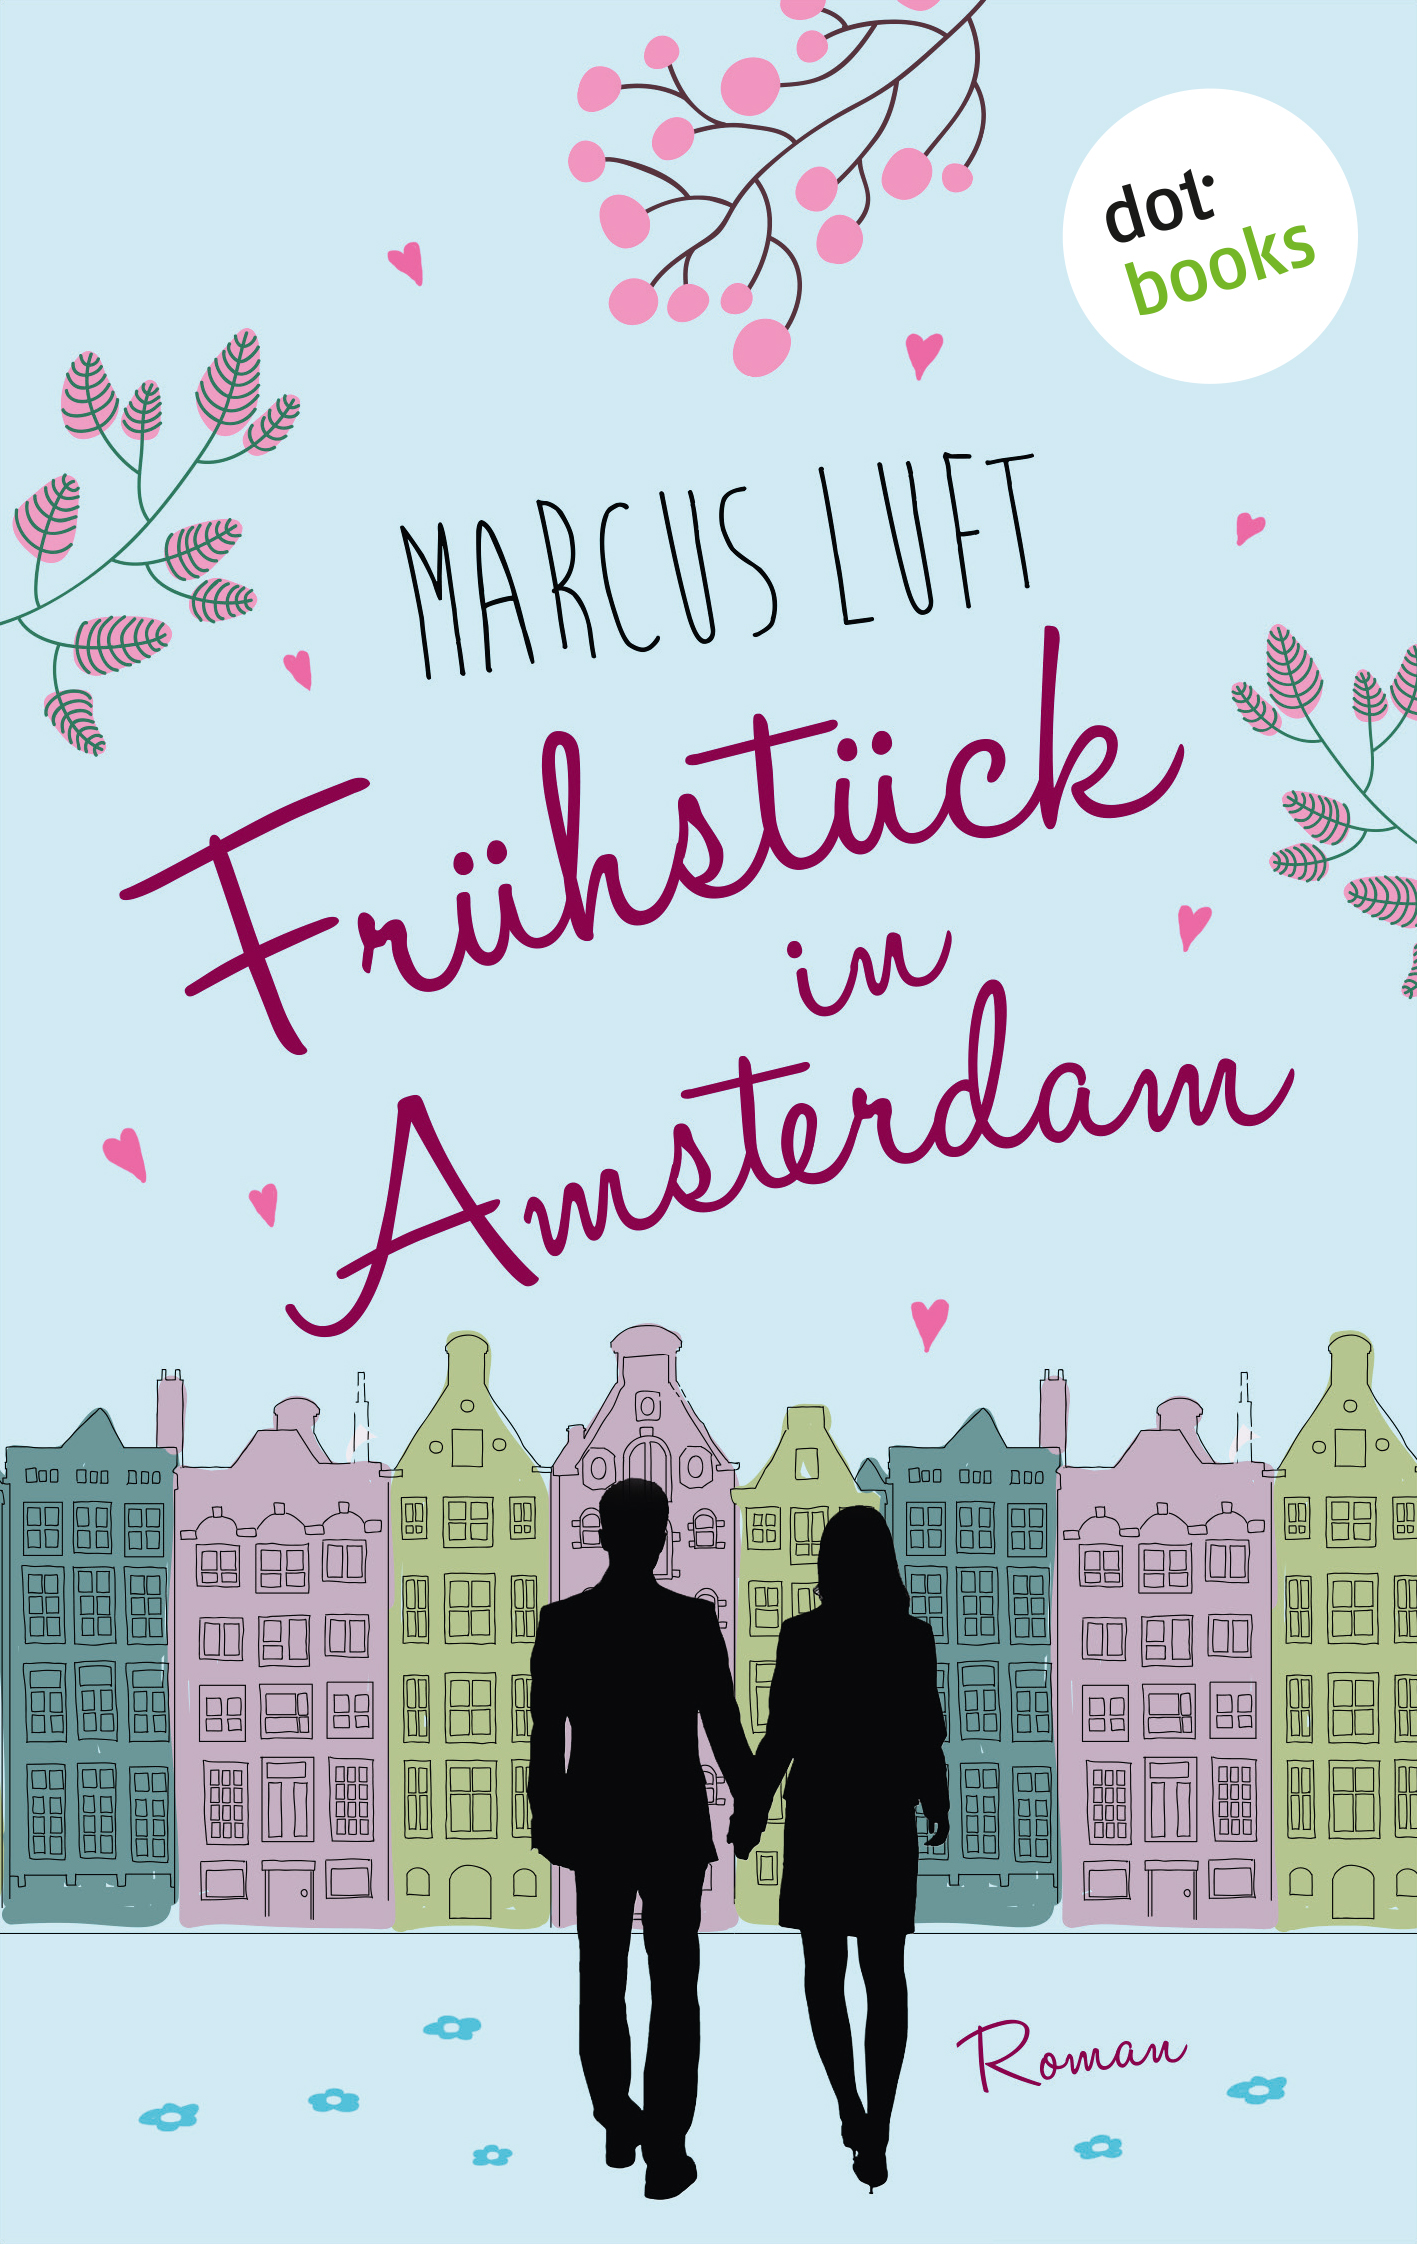 http://blog.dotbooks.de/wp-content/uploads/2014/06/Luft-Fruehstueck_in_Amsterdam-300dpi.jpg